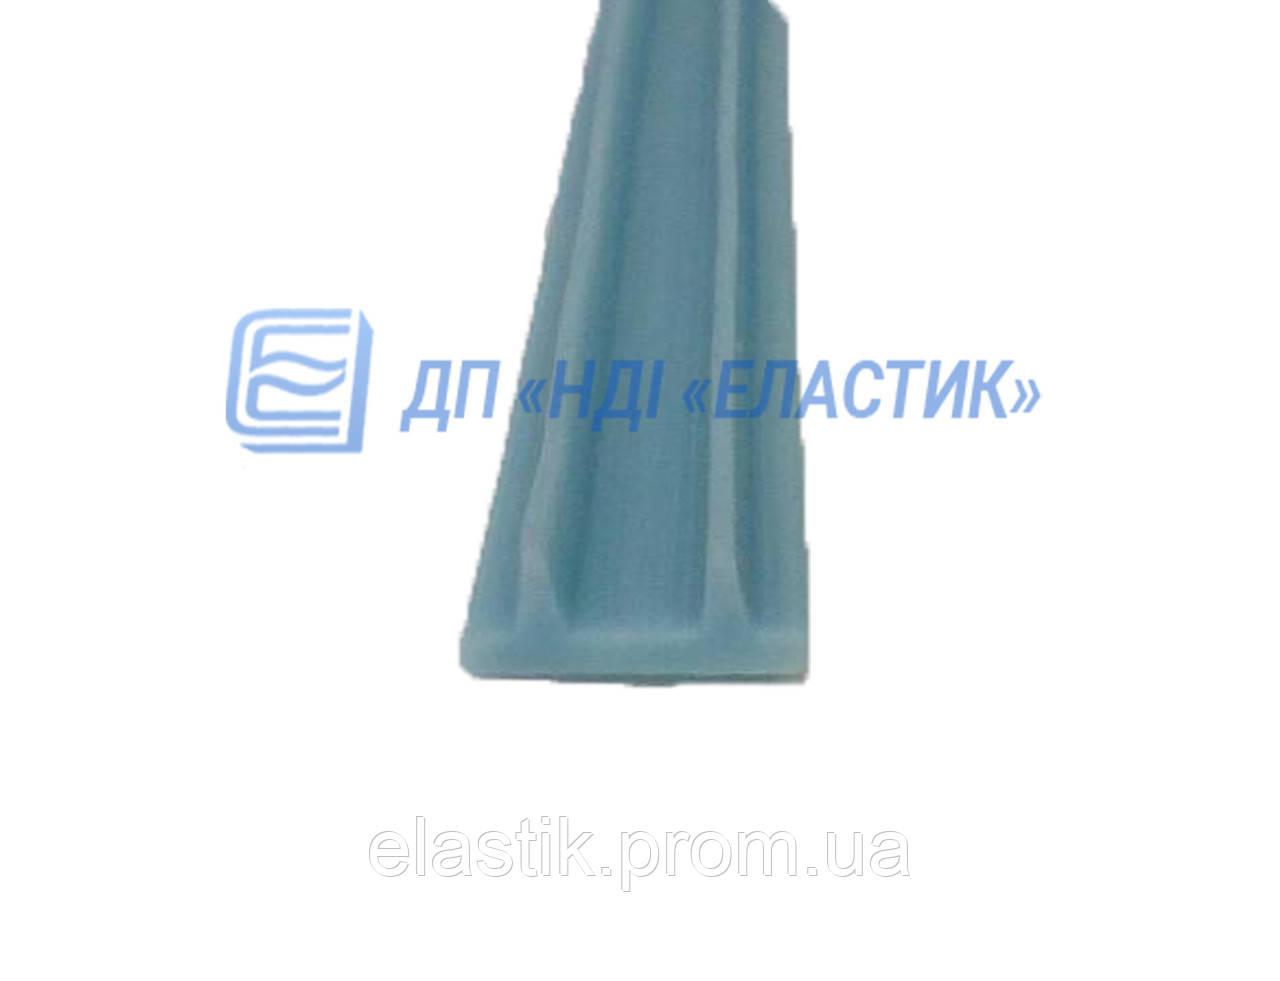 ab20e3ee6d71 Уплотнитель для дымоходов П-образный 4,5х10мм, уплотнитель силиконовый  термостойкий для дымохода,